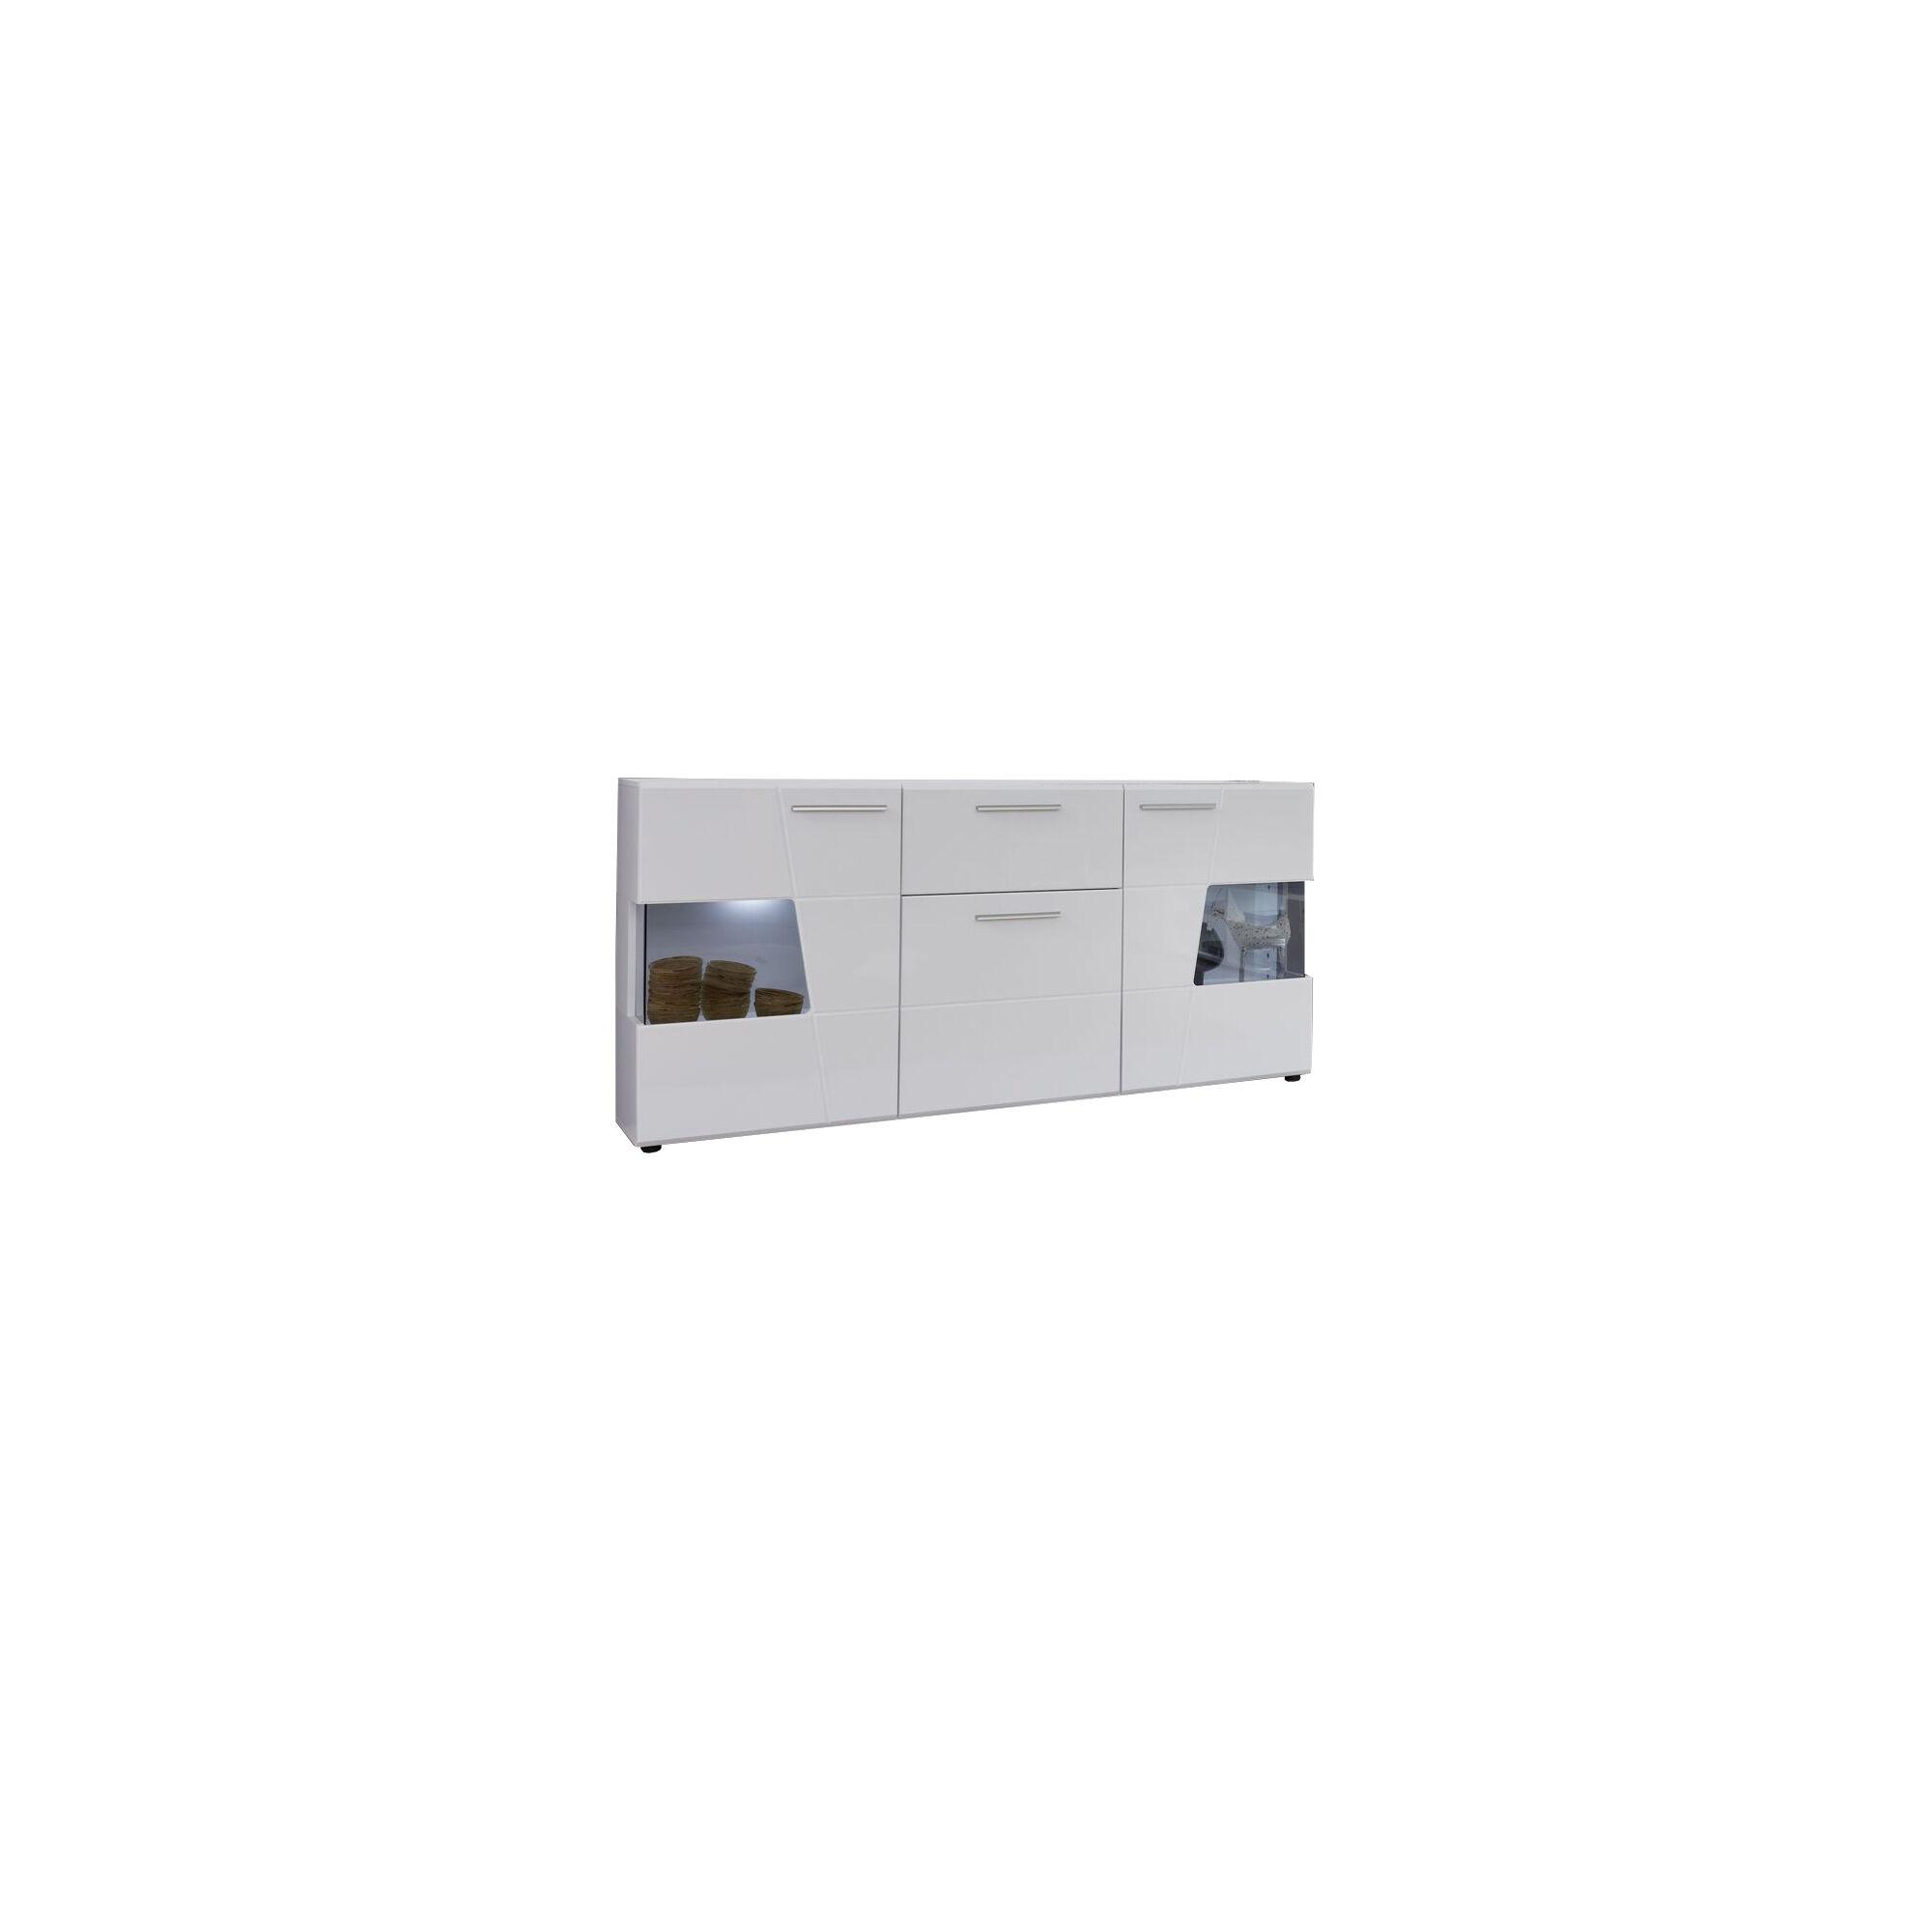 Movar skjenk 3 dører og 1 skuff, hvit, hvit høyglans, glass grå.